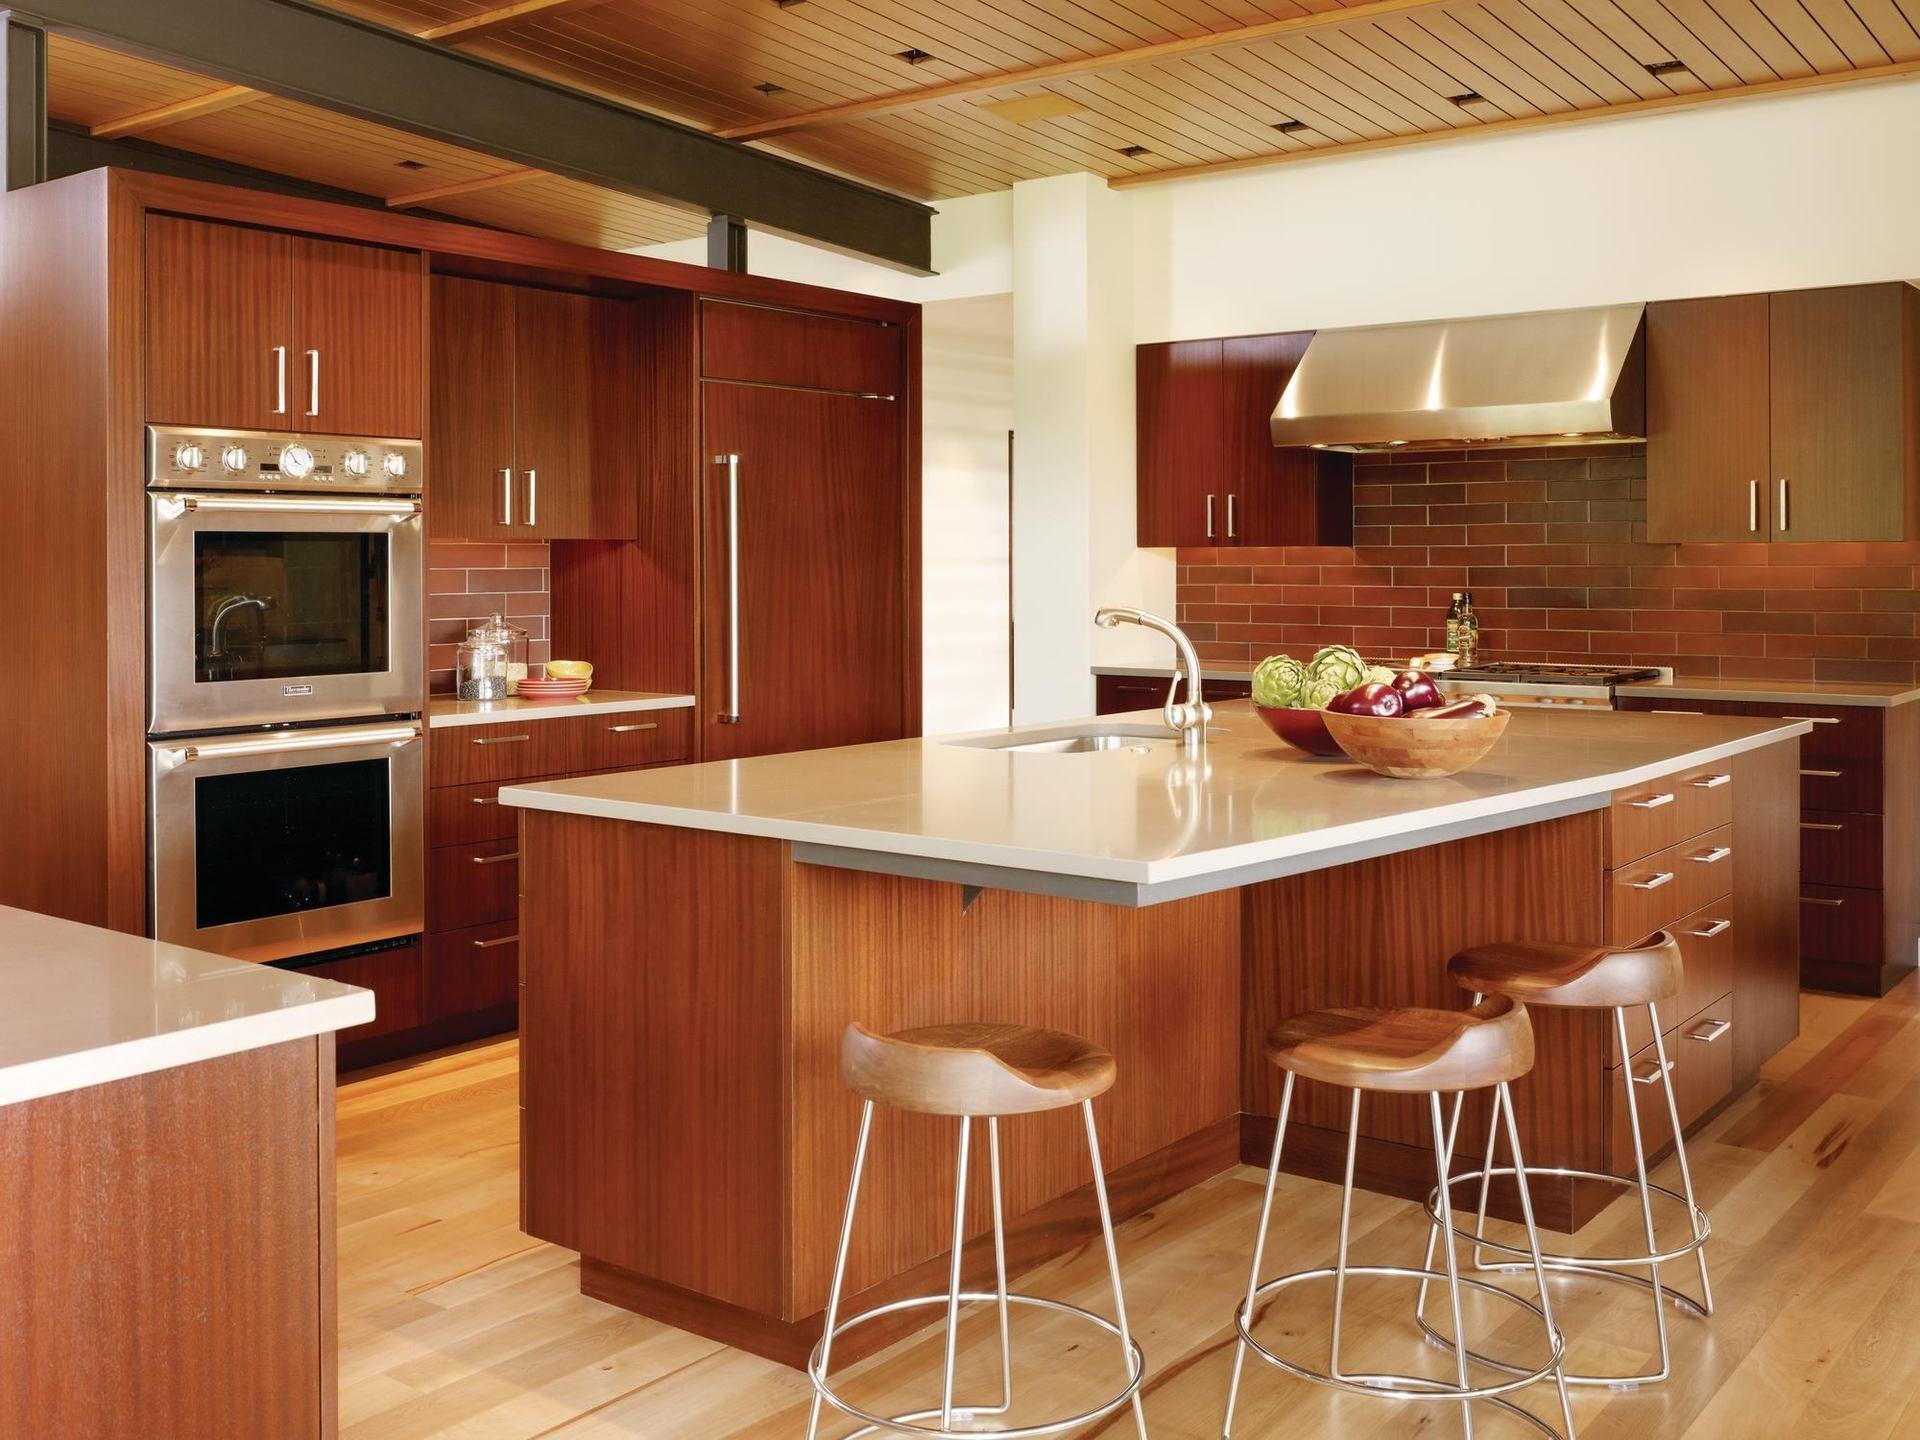 как расположить мебель в кухне островом